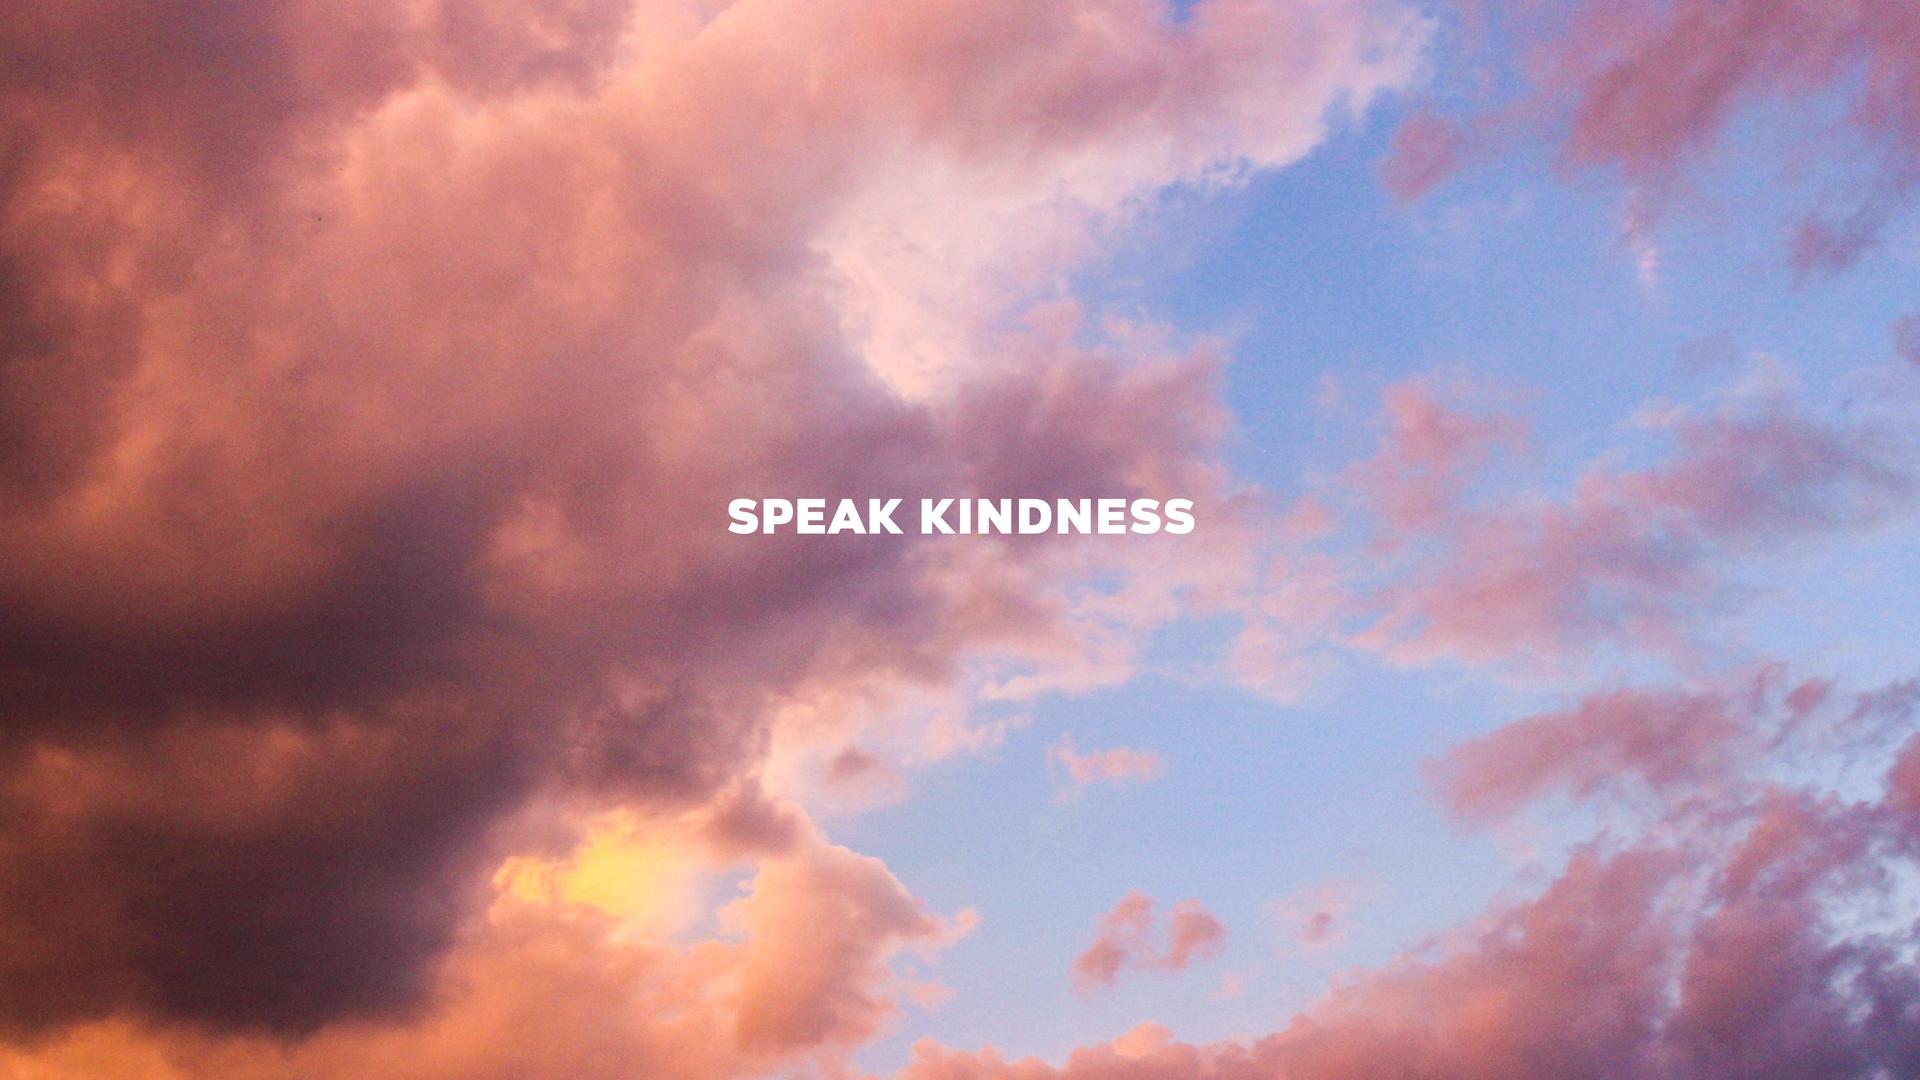 Speak Kindness_Desktop-01.png